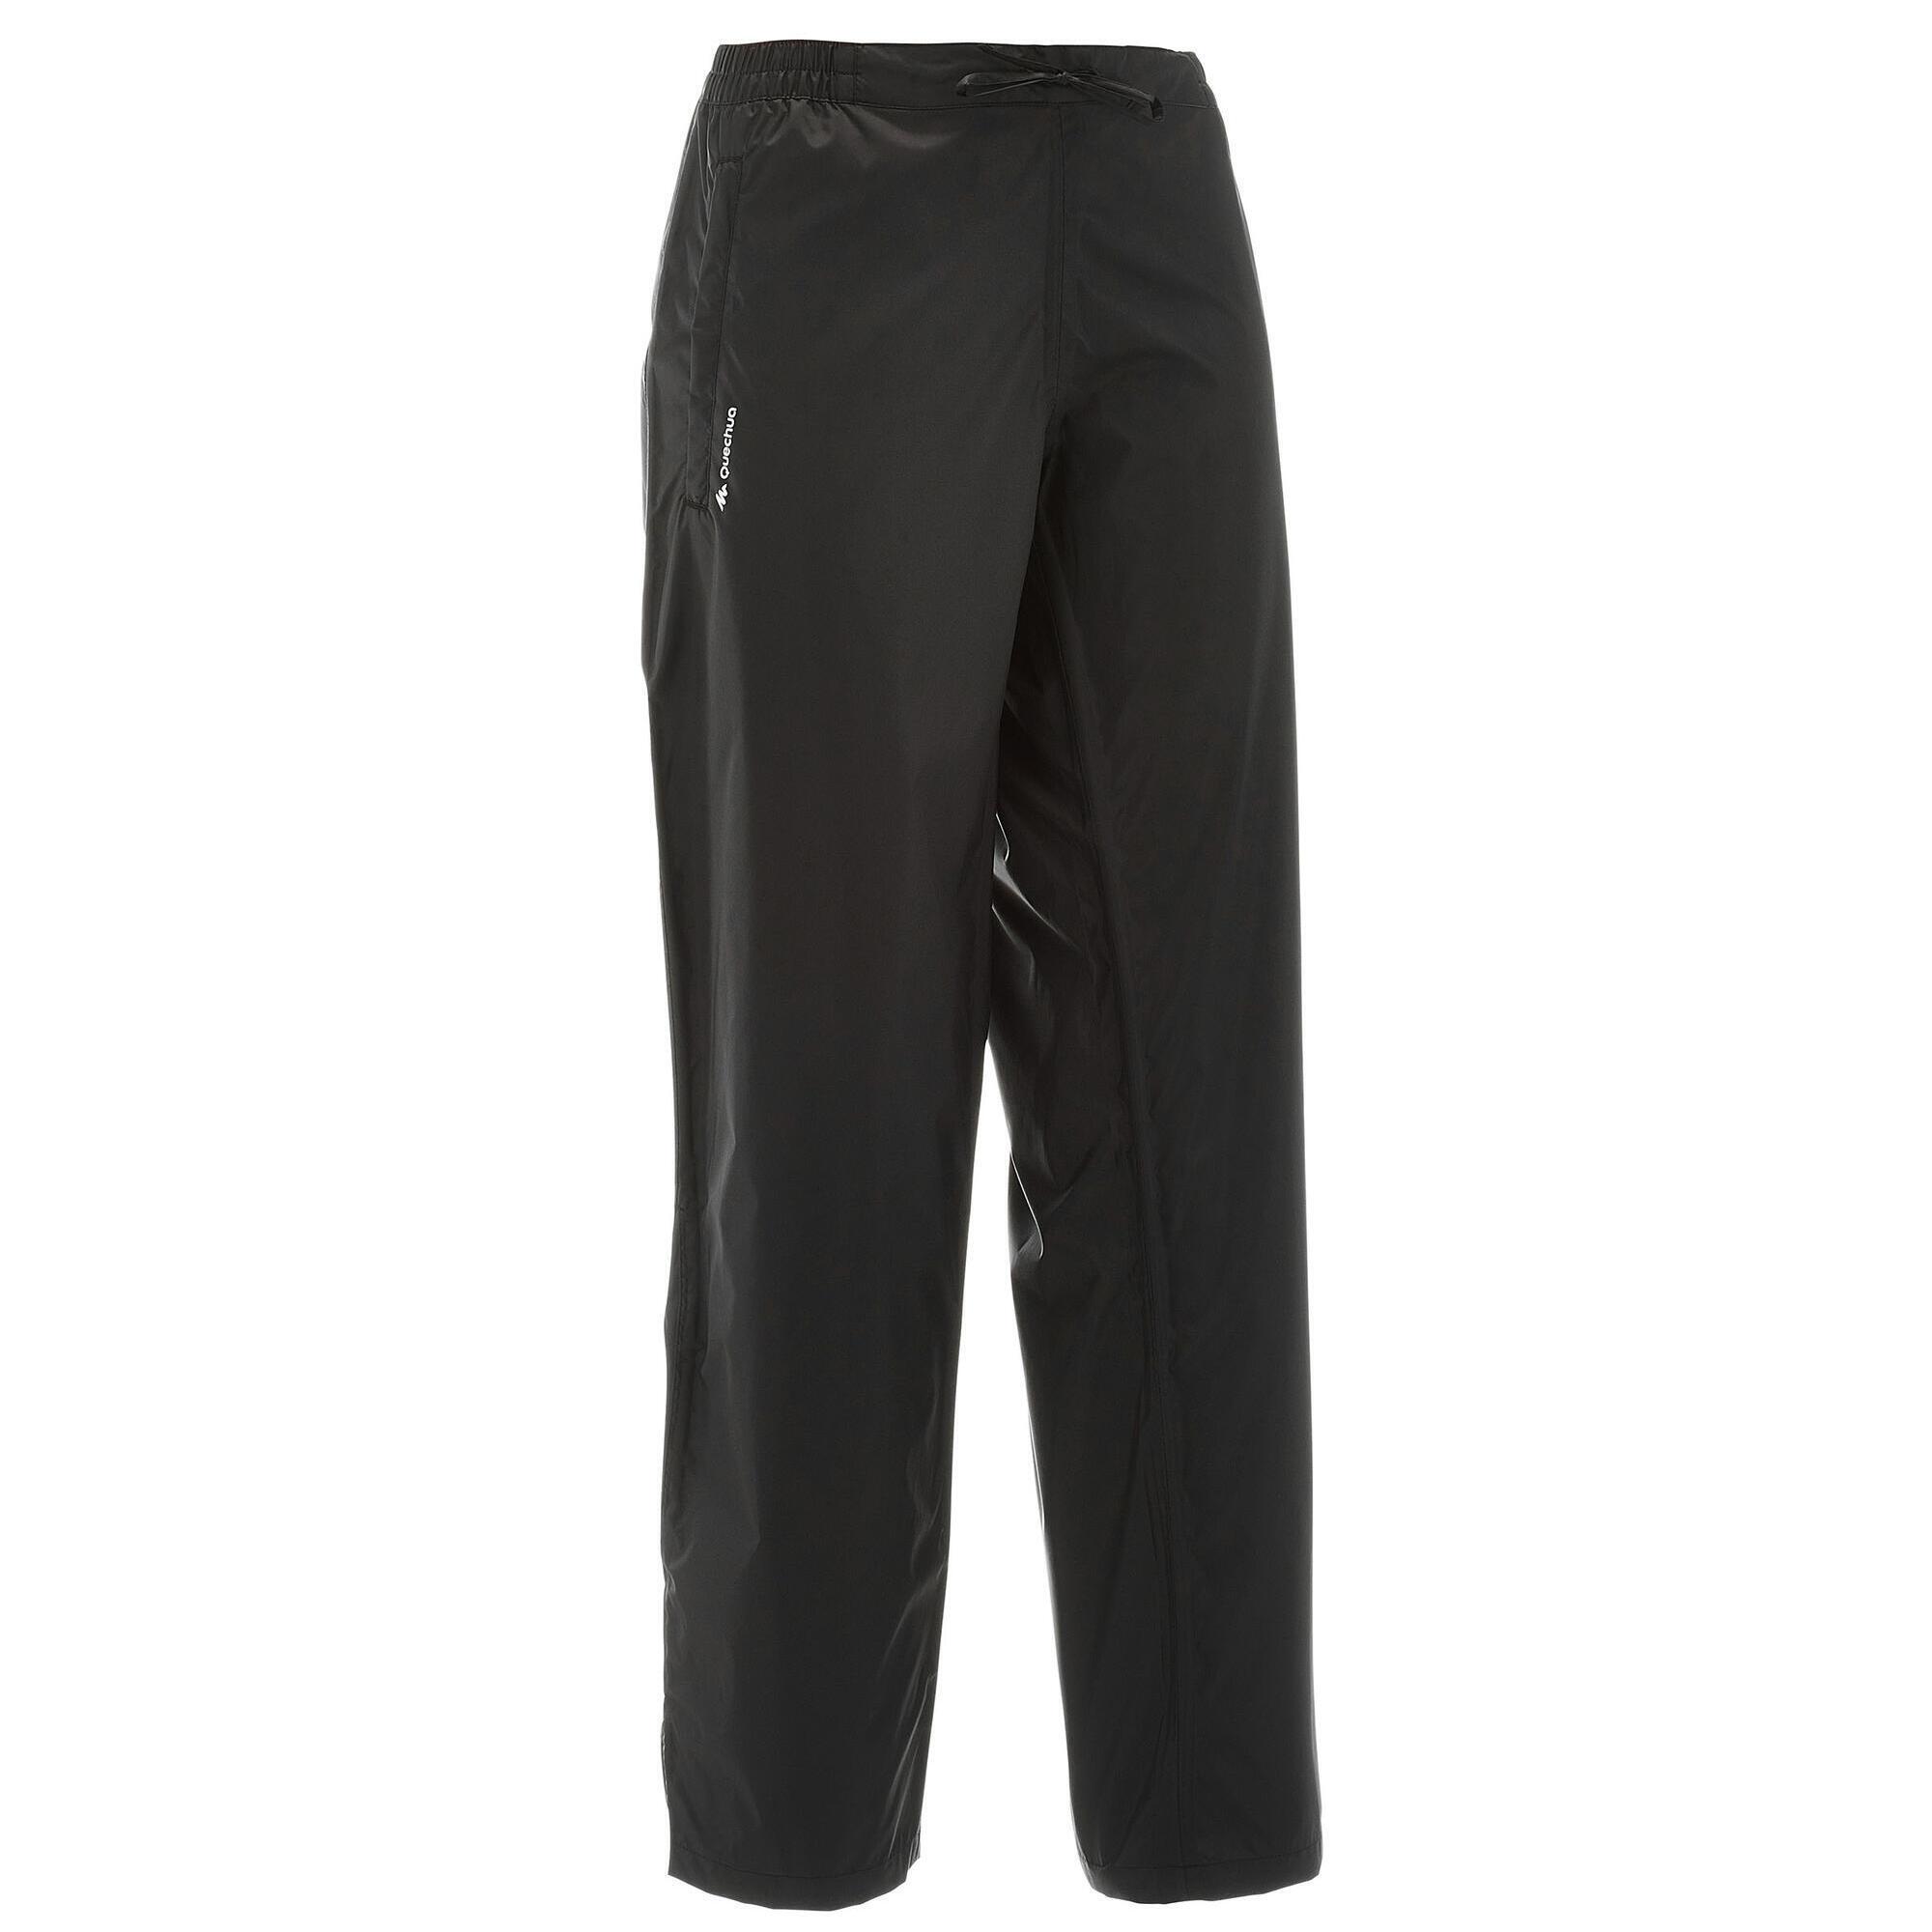 Regenhose NH 500 Protect Damen schwarz für Naturwanderungen | Sportbekleidung > Sporthosen > Regenhosen | Schwarz | Quechua